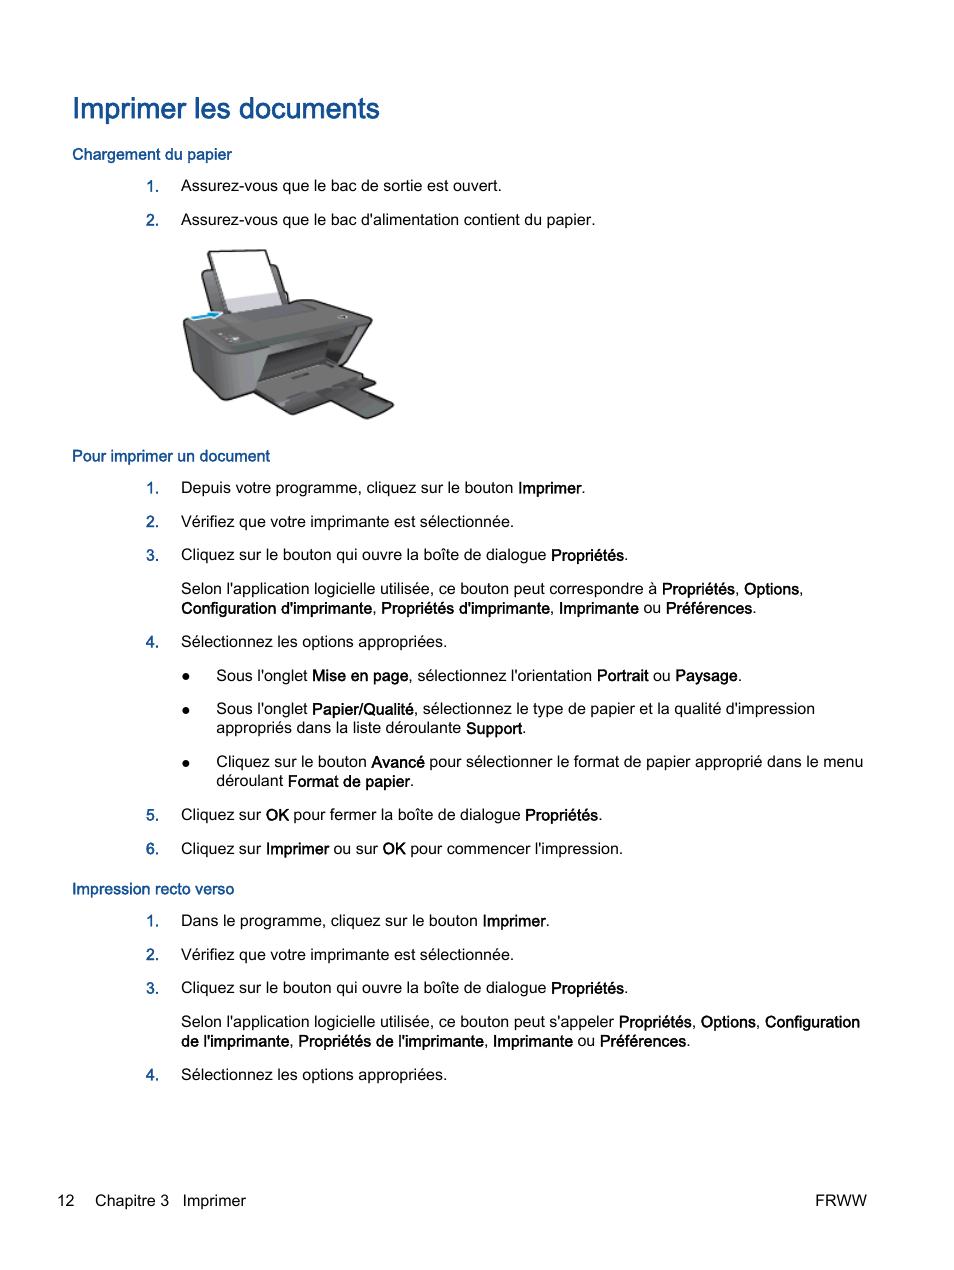 Télécharger Pilote Hp Deskjet 1510 Driver et Logiciels Imprimante Gratuit Pour Windows 10/8.1/8/7/XP/Vista et Mac OS X. Caractéristi...